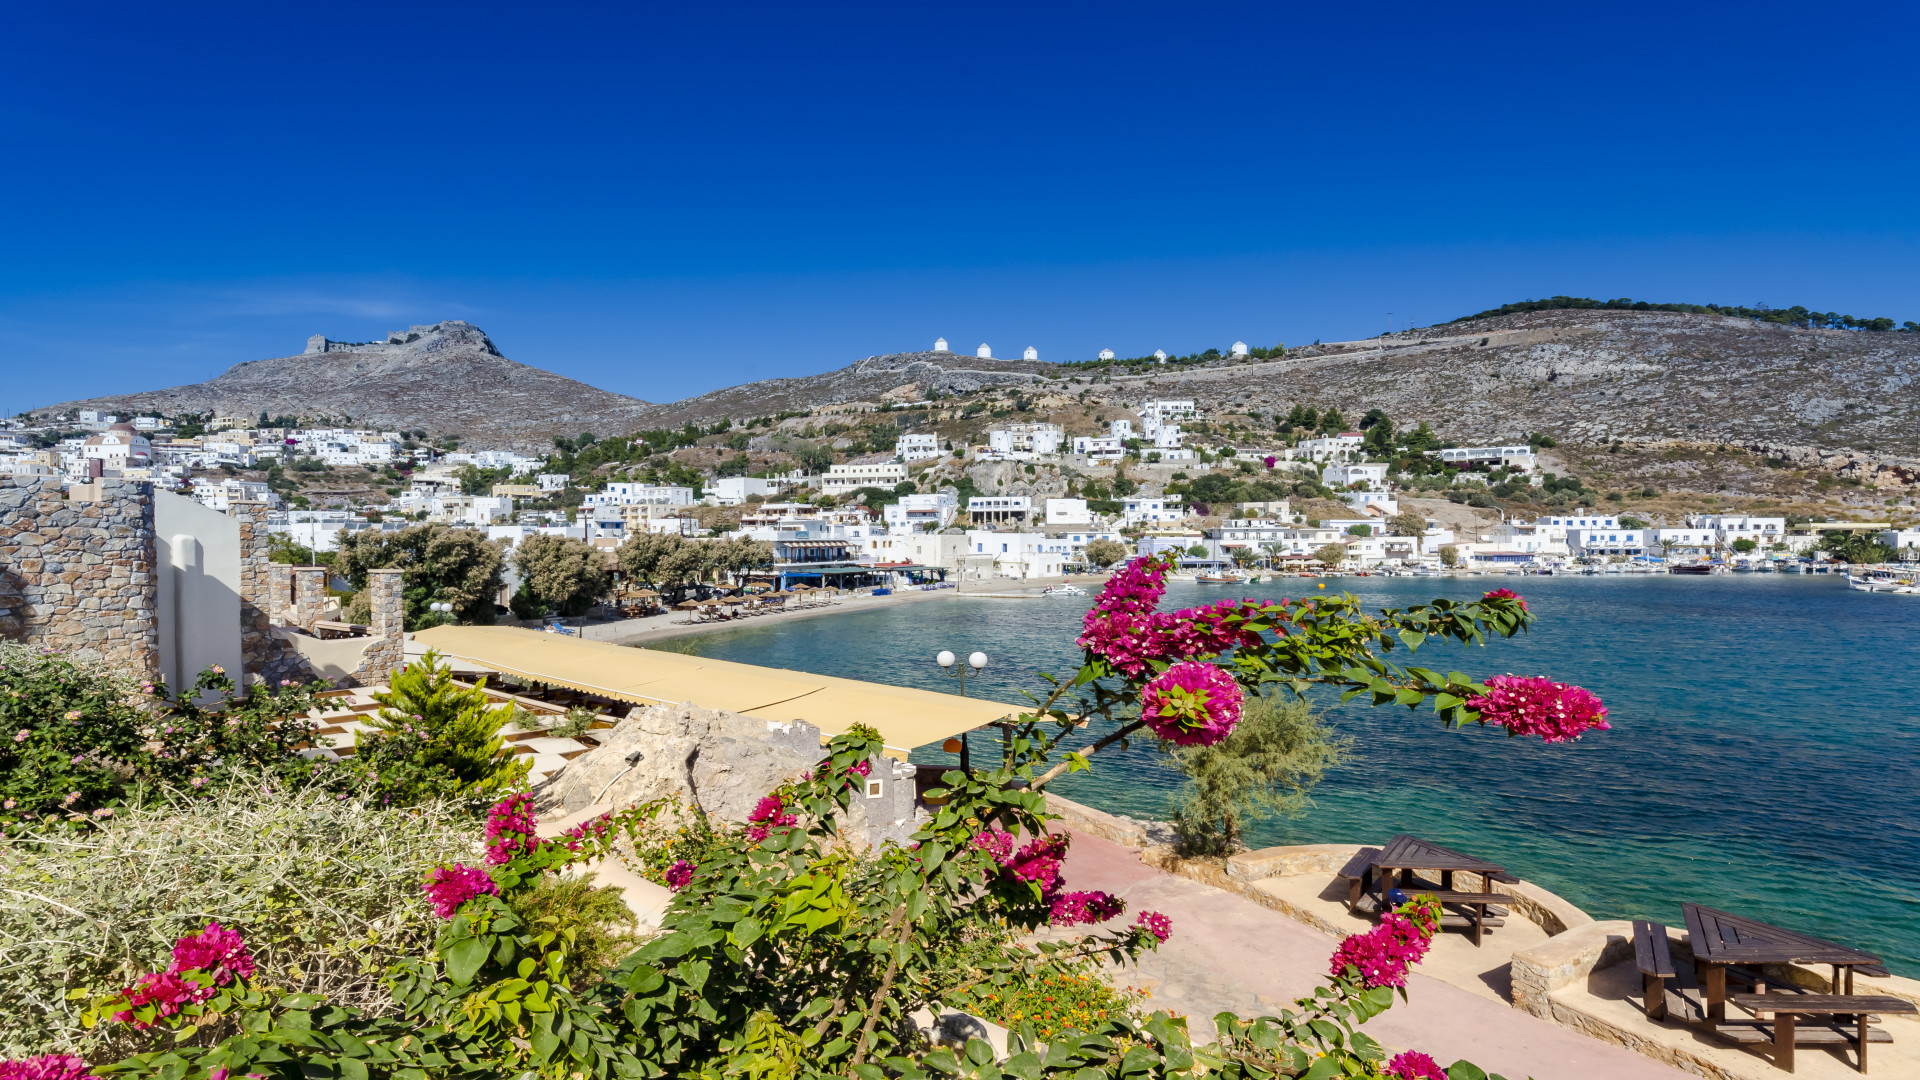 Panteli village met bloemen op de voorgrond, Leros, Griekenland